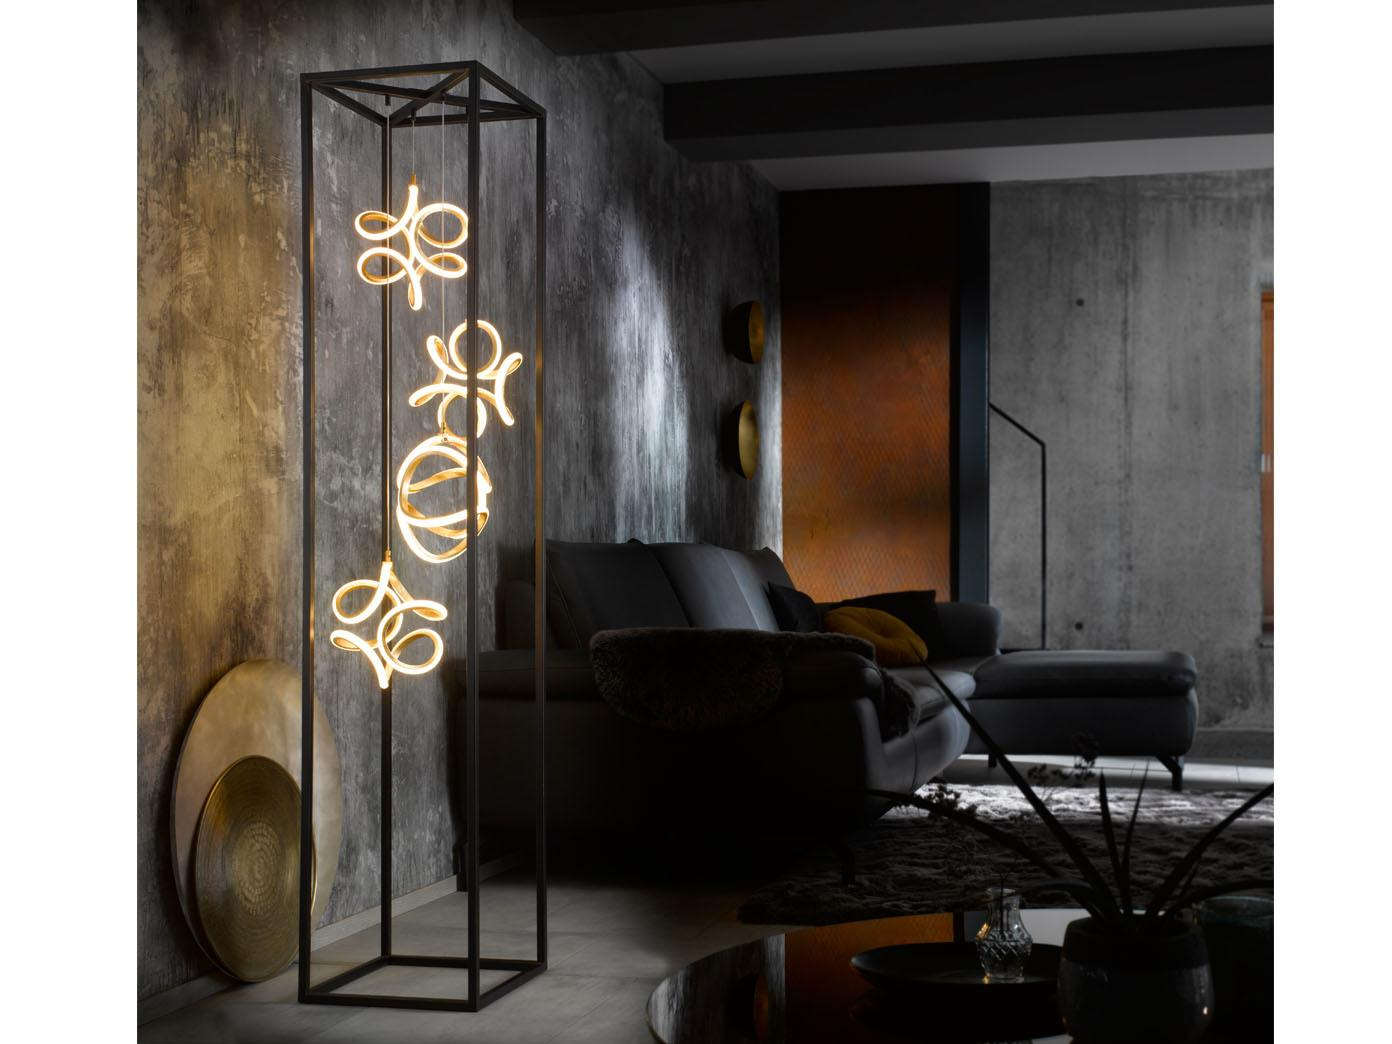 Stehlampe Schwarz Gold Dimmbar